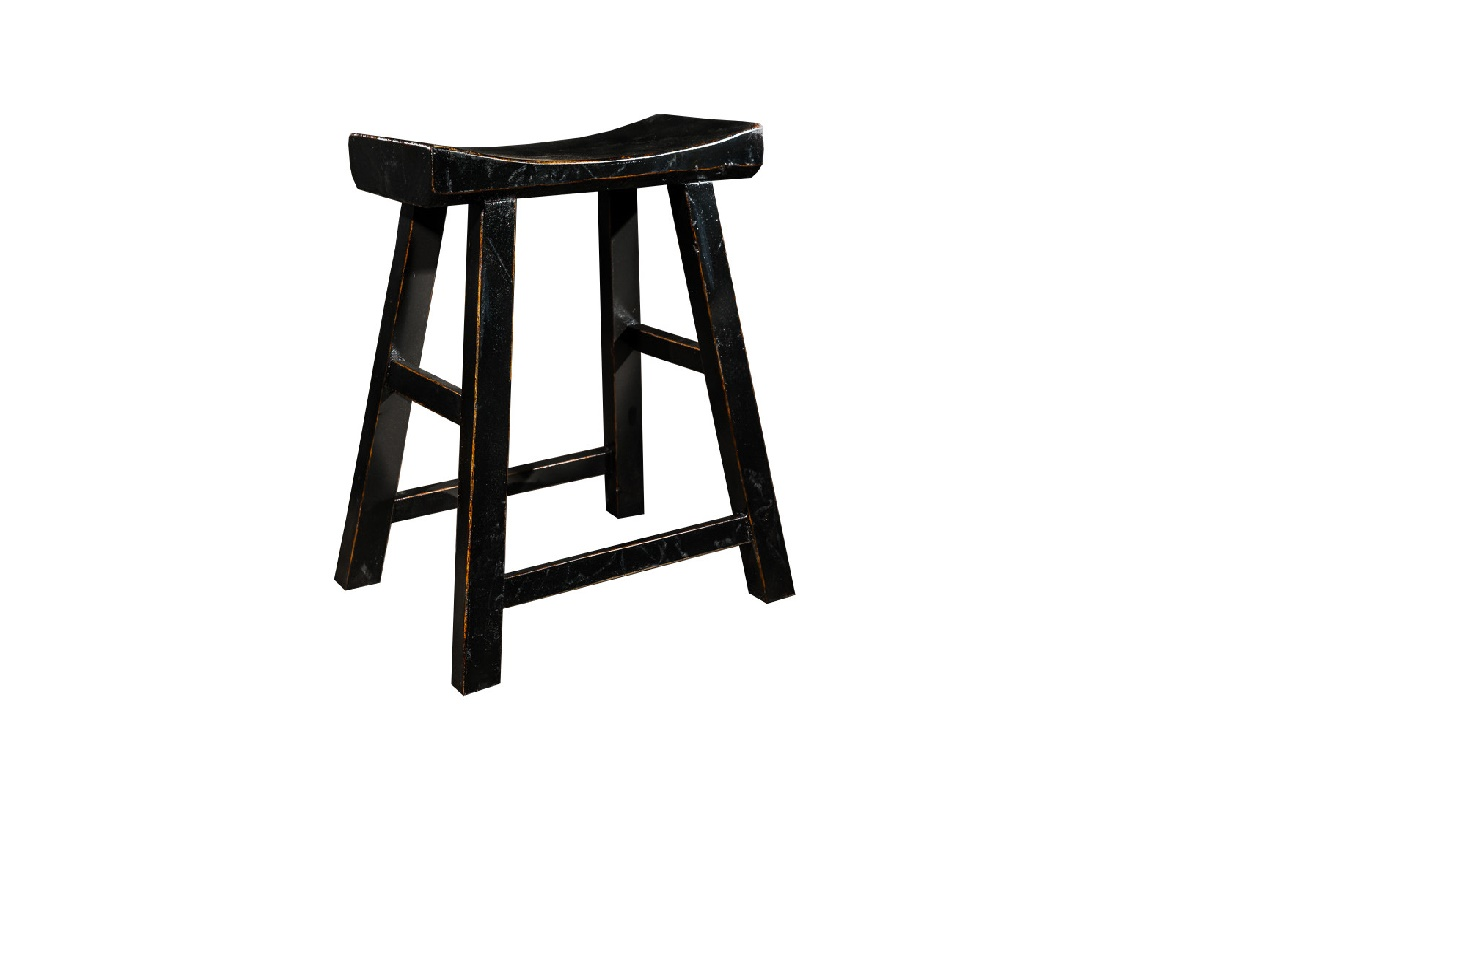 Табурет Энн ЛуТабуреты<br>&amp;quot;Энн Лу&amp;quot; ? китайский табурет, форма которого остается неизменной со времен правления династии Мин. Удобное сиденье, имеющее небольшую впадину, в комбинации с подставкой для ног обеспечивает непревзойденный комфорт. Черный цвет с золотистой отделкой смотрится очень стильно и делает табурет подходящим для колоритных этнических интерьеров.<br><br>Material: Дерево<br>Length см: 45<br>Width см: 22<br>Height см: 52